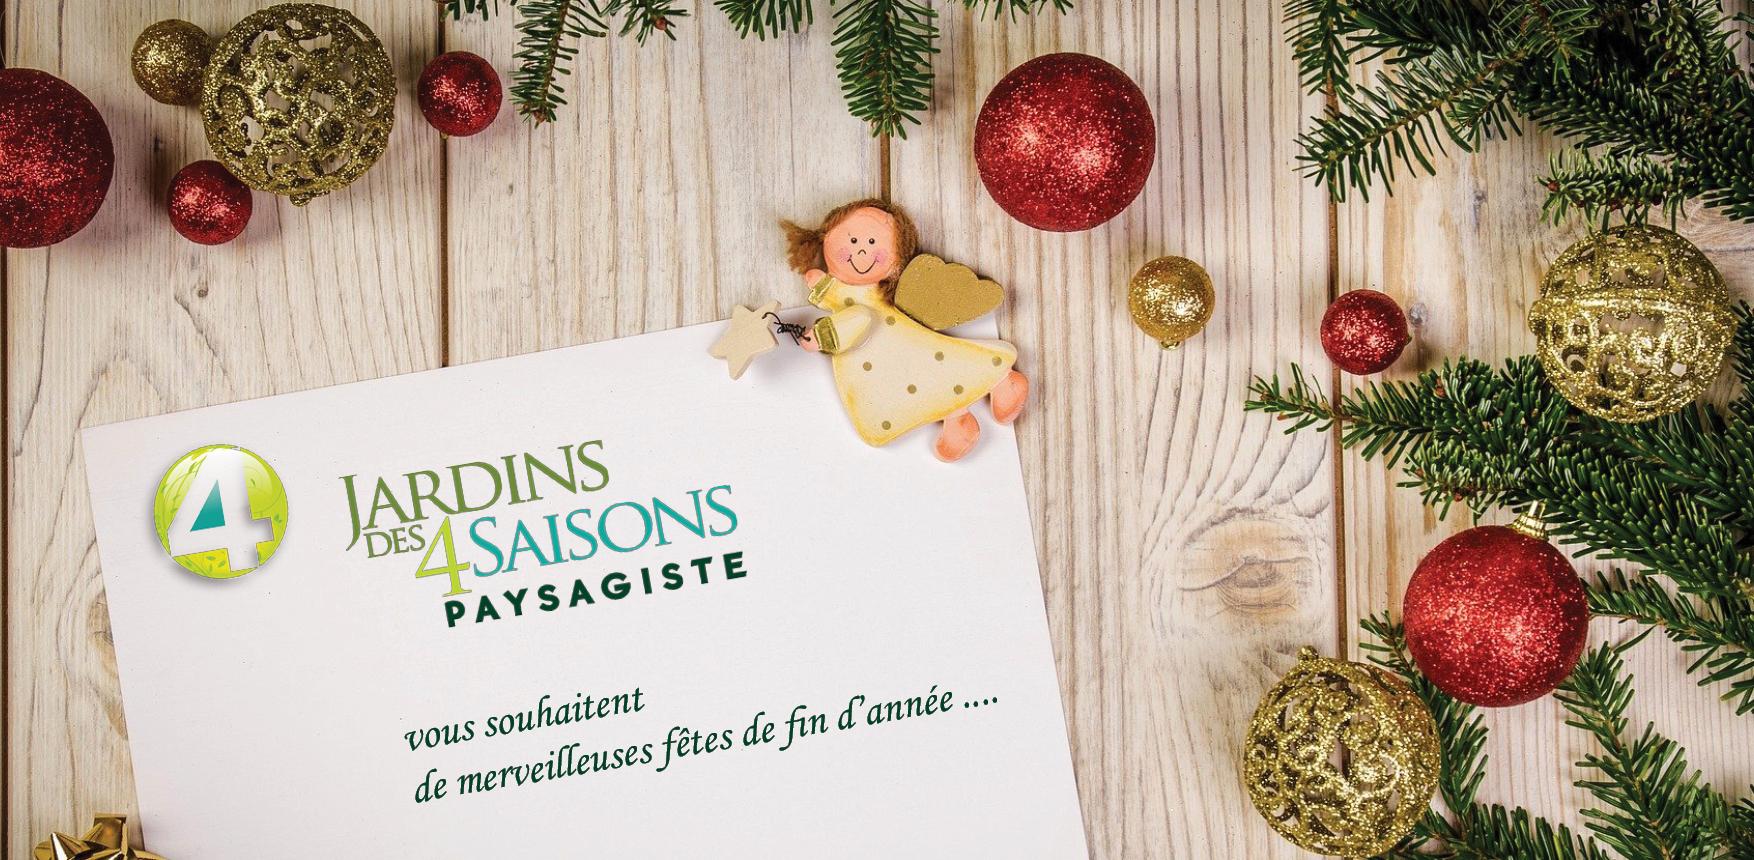 Jardins des 4 Saisons. Fêtes de fin d'année 2019. Guer, Ploërmel, Redon, Plélan-Le-Grand, Maure de Bretagne